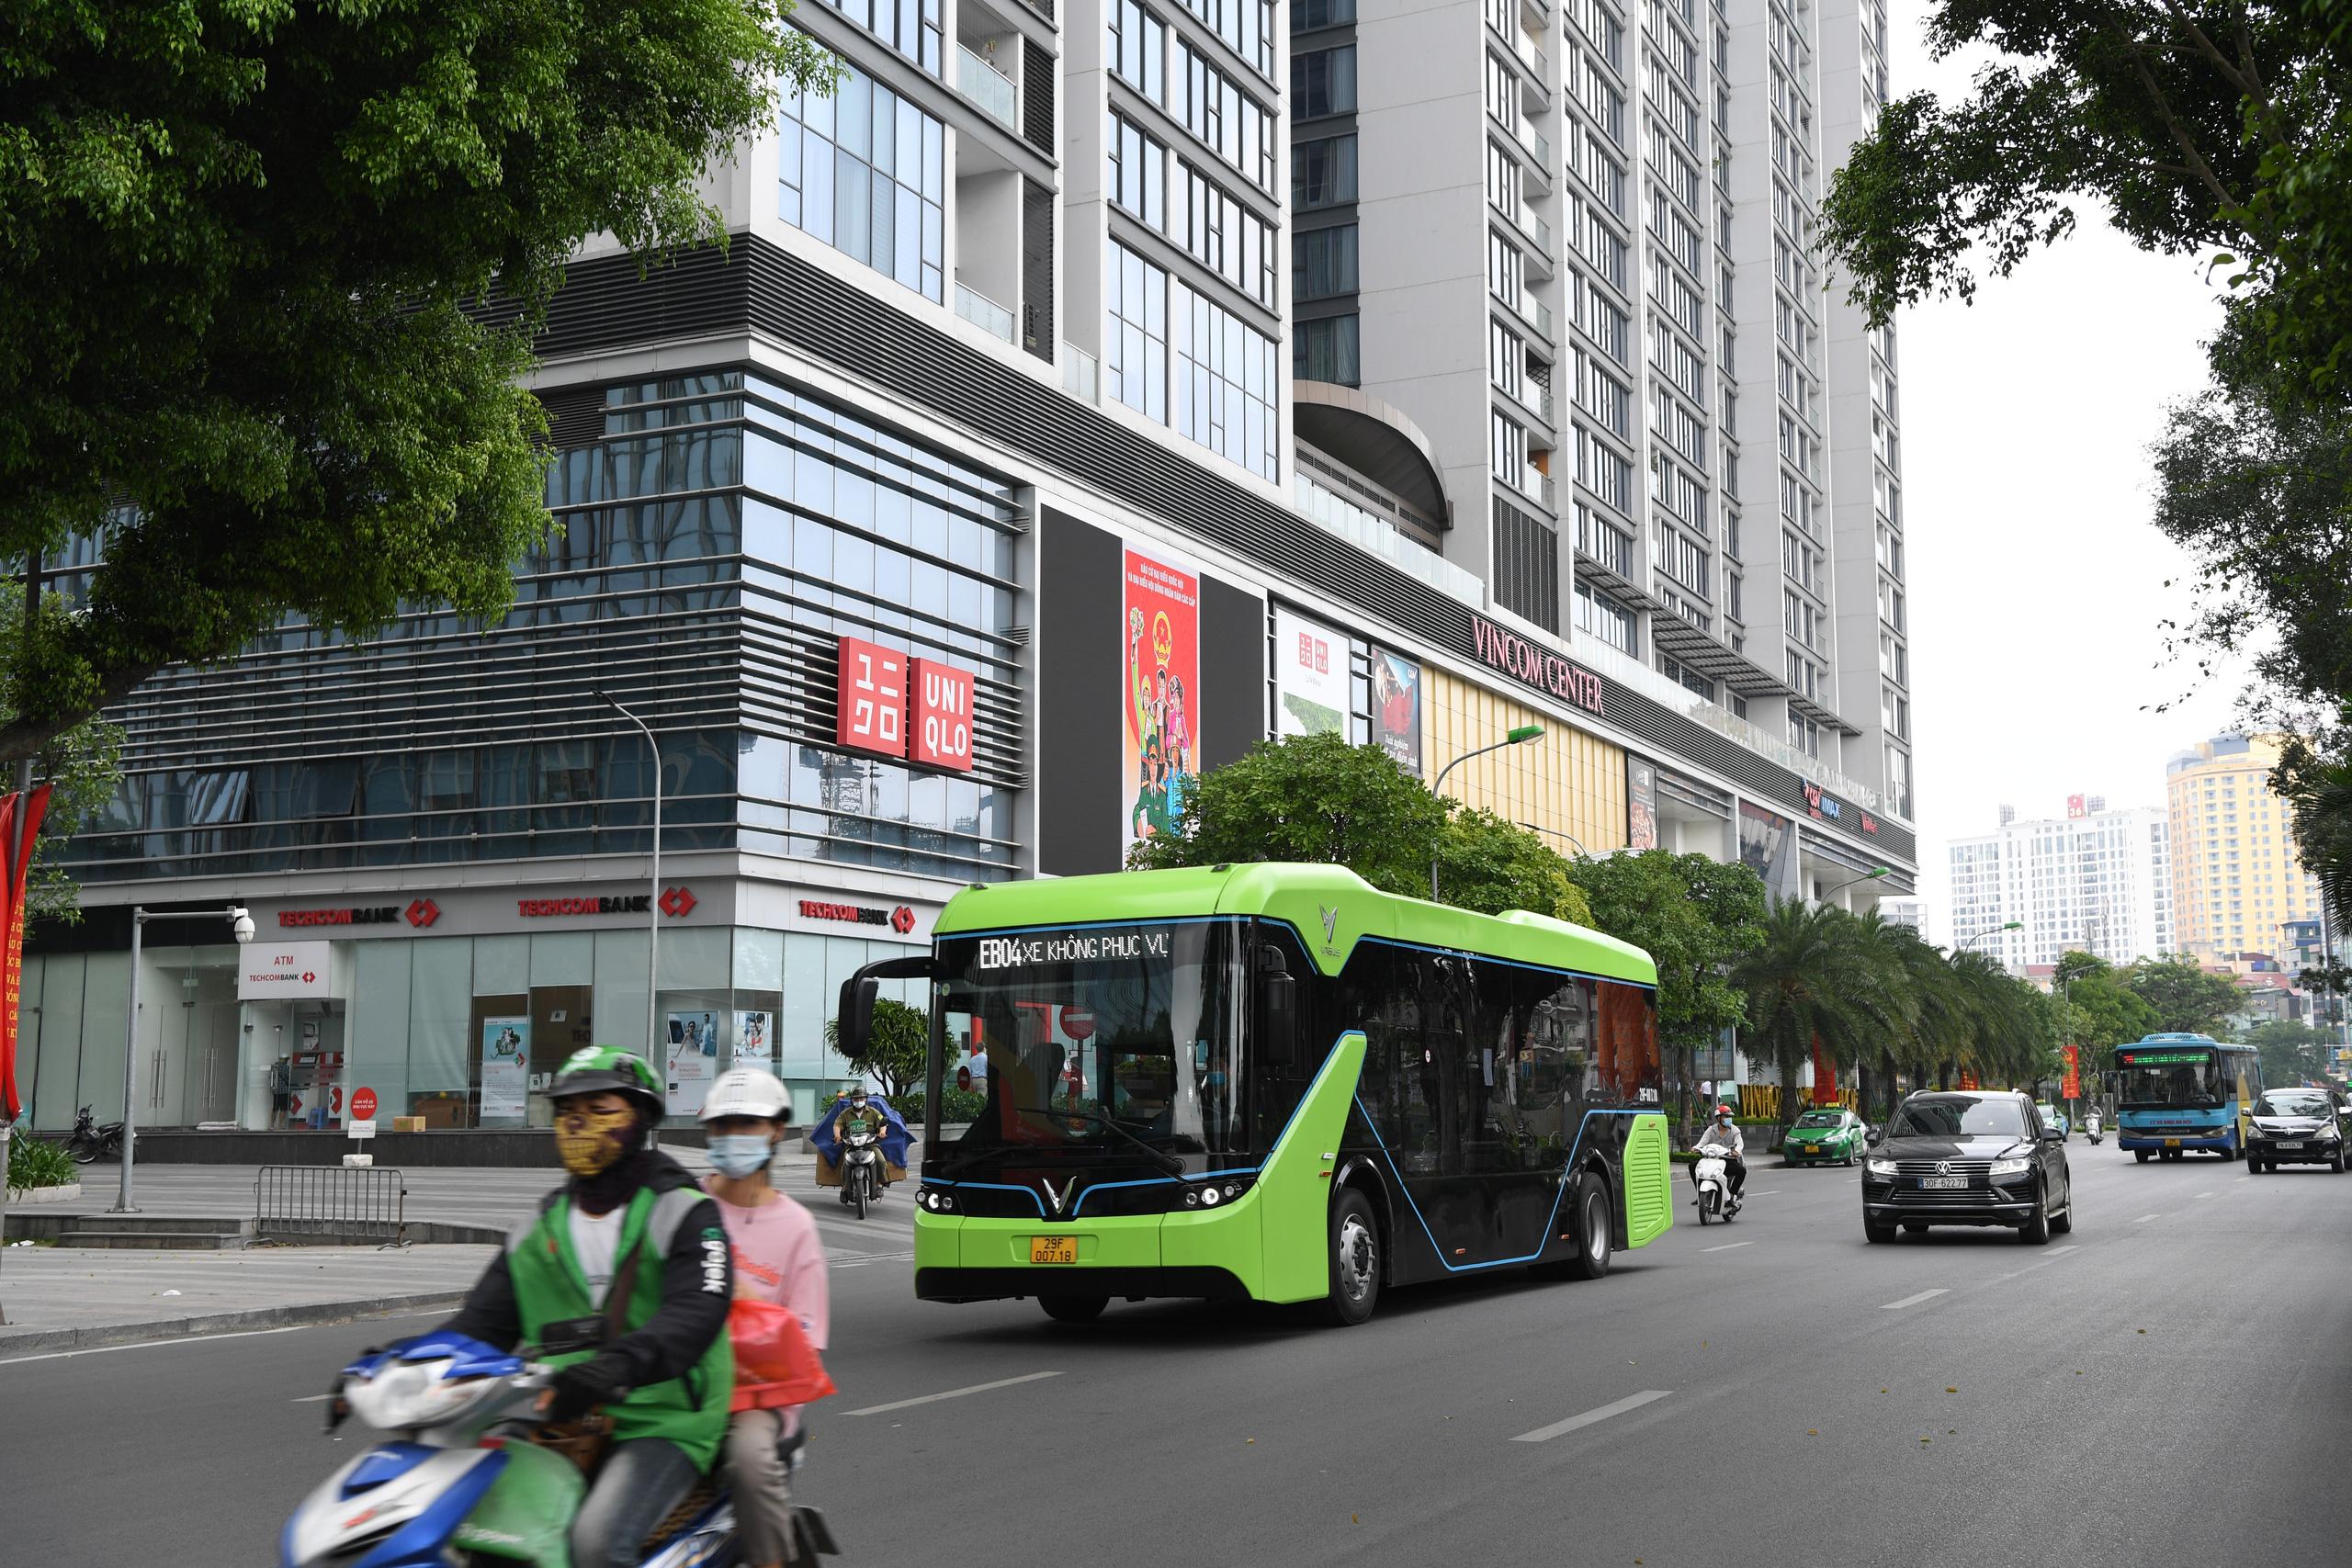 Xe bus điện bắt đầu lịch trình chạy trên các tuyến nội đô Hà Nội - Ảnh 1.